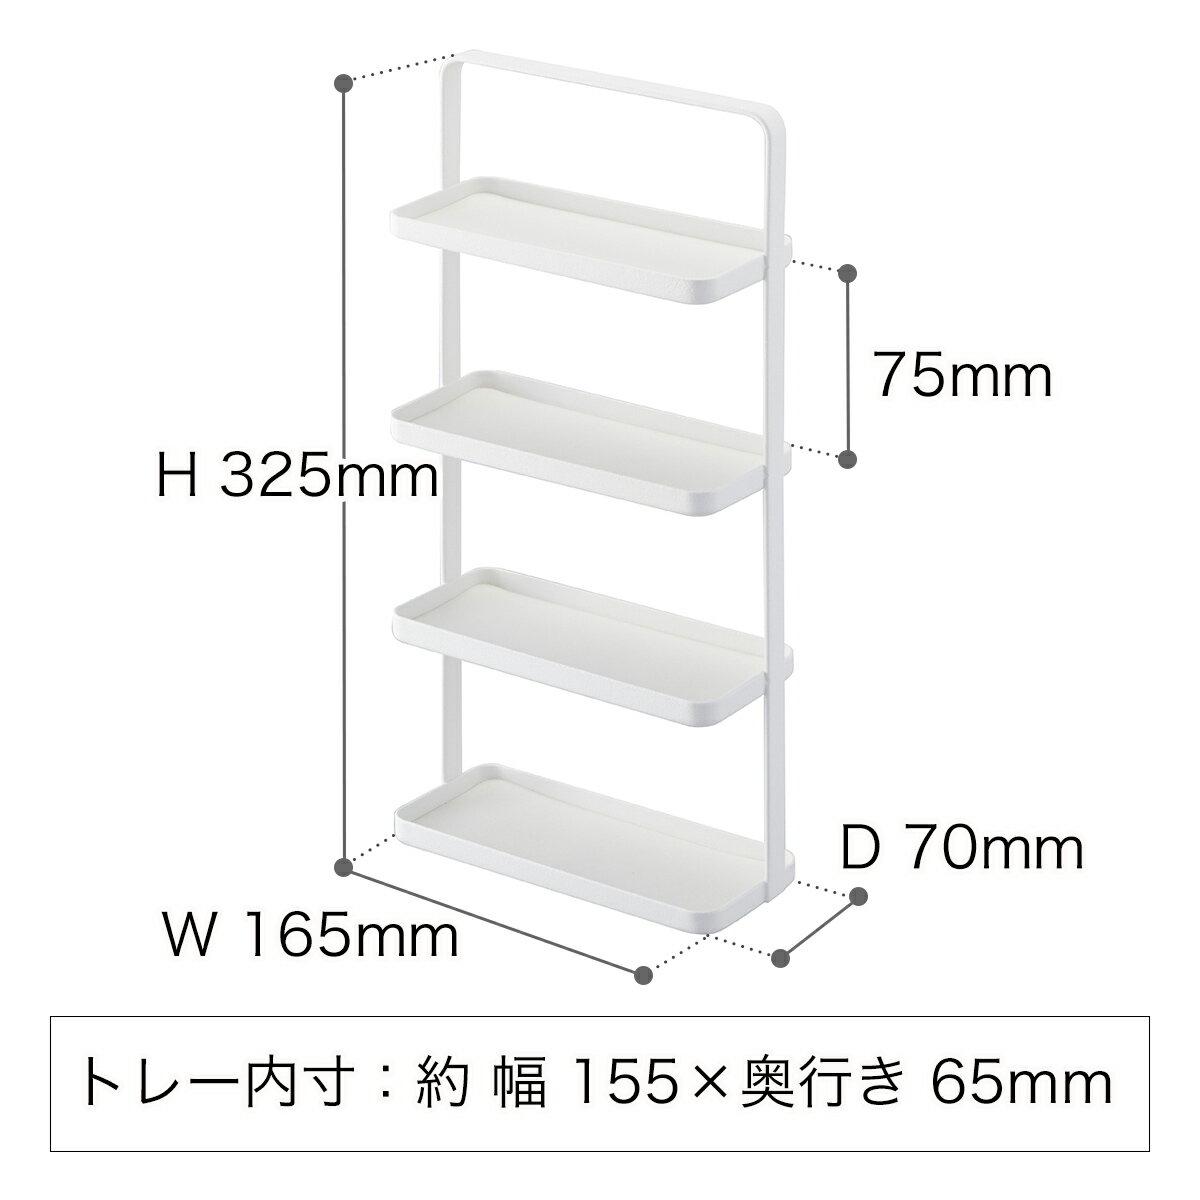 日本Tower / 居家生活 簡約多功能層架 置物架/ roomy-ymz19jan24h34 / 日本必買 (3190)|件件含運|日本樂天熱銷Top|日本空運直送|日本樂天代購